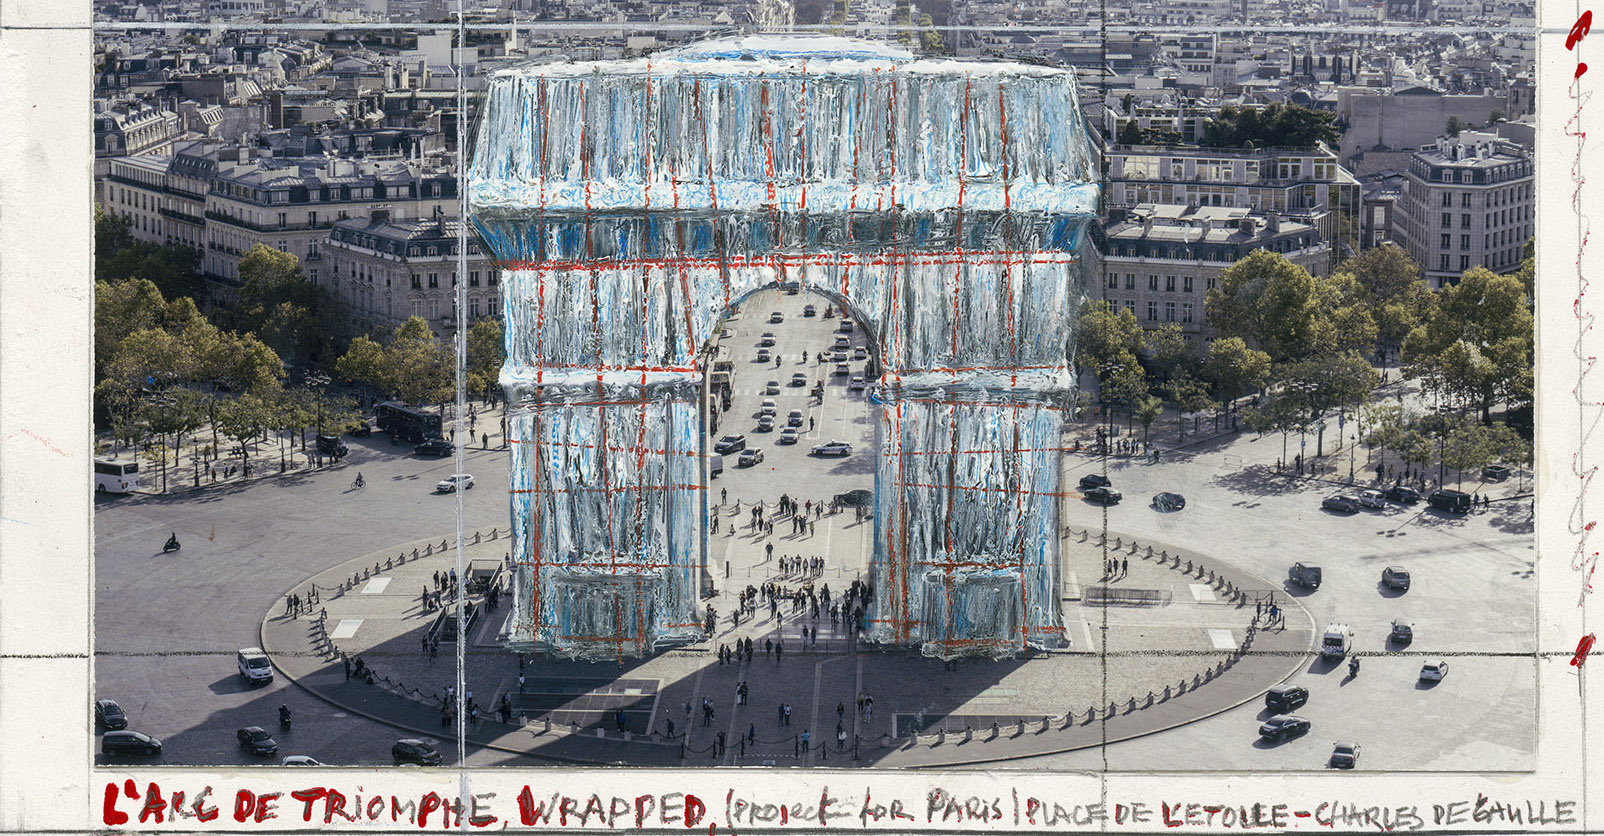 Christo und Jeanne-Claude: Arc de Triomphe (Project for Paris), Pigmentdruck auf Bütten, 50 x 40 cm, limitiert, Auflage 500 (Ausschnitt)